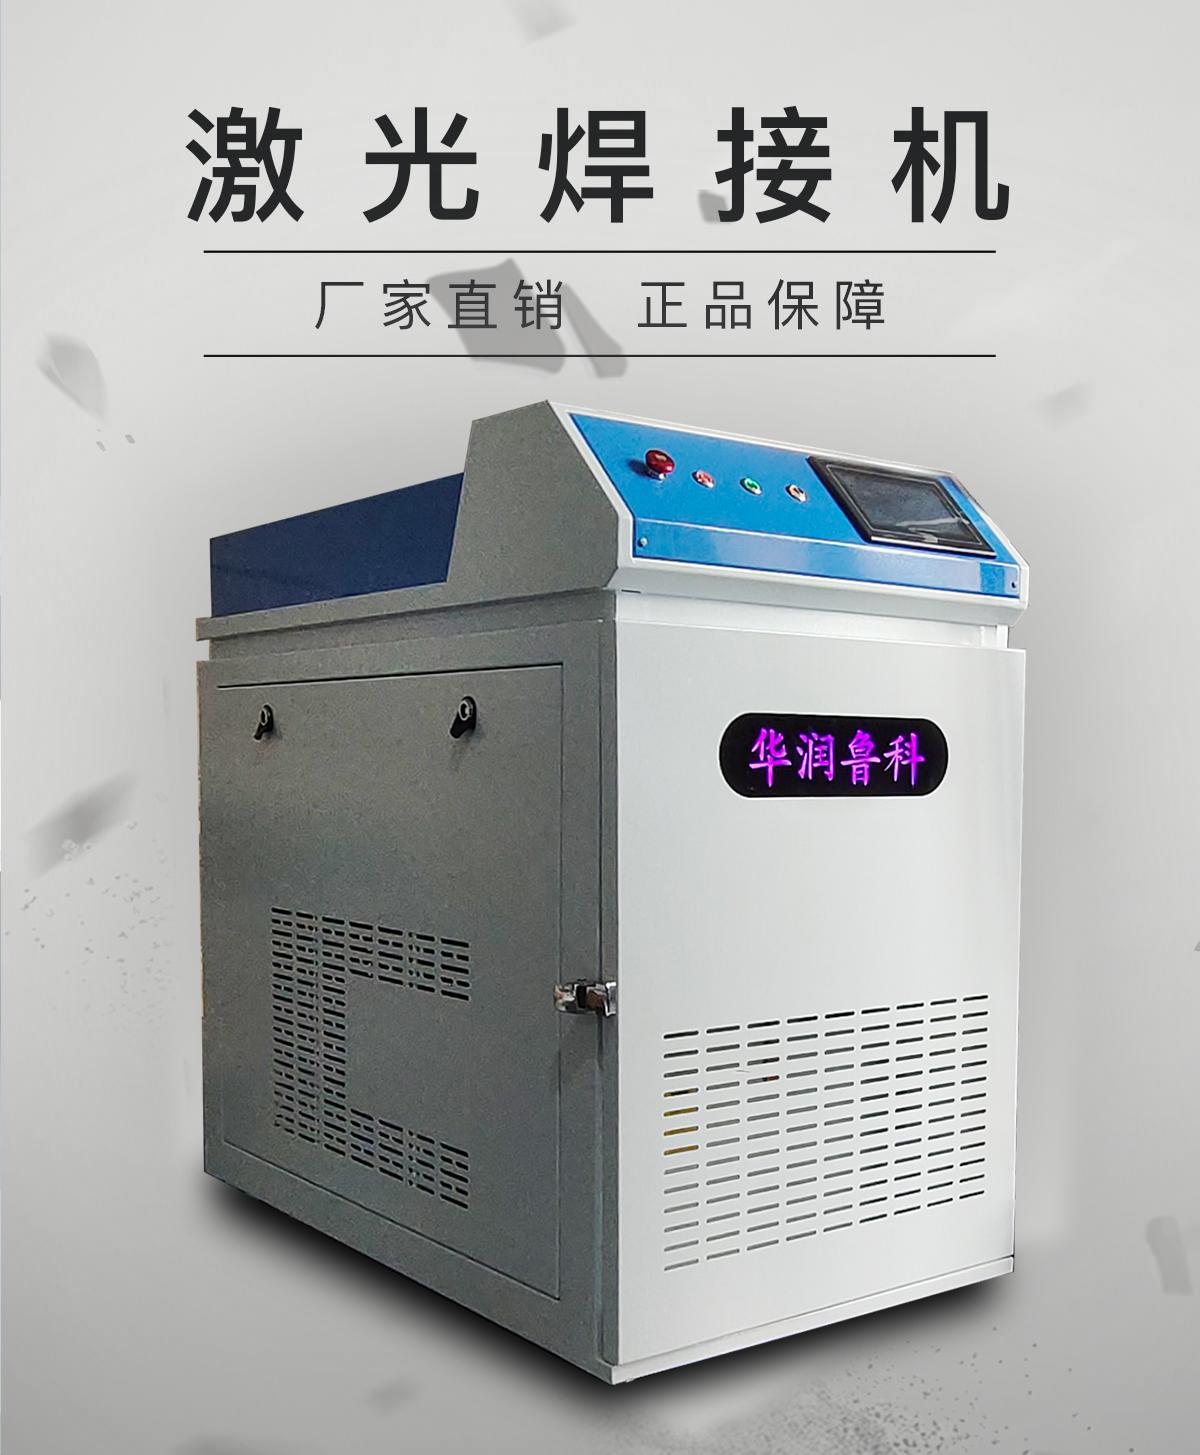 怎样提高深圳激光焊接机焊接质量?[华润鲁科]